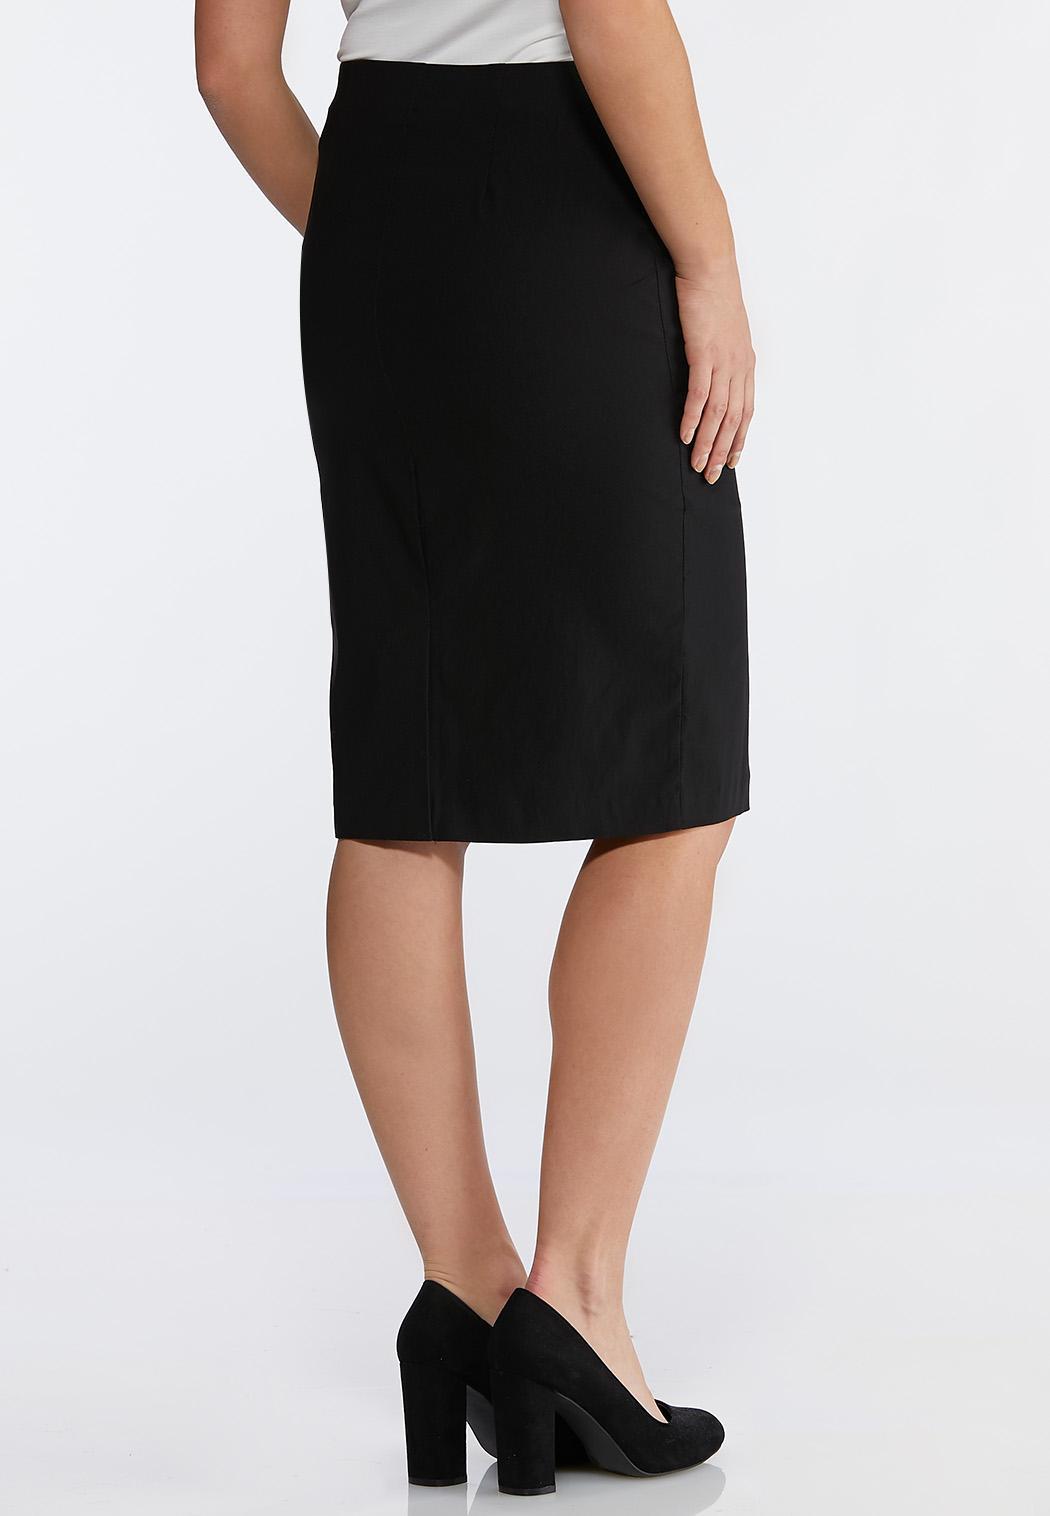 Bengaline Pencil Skirt (Item #43731747)